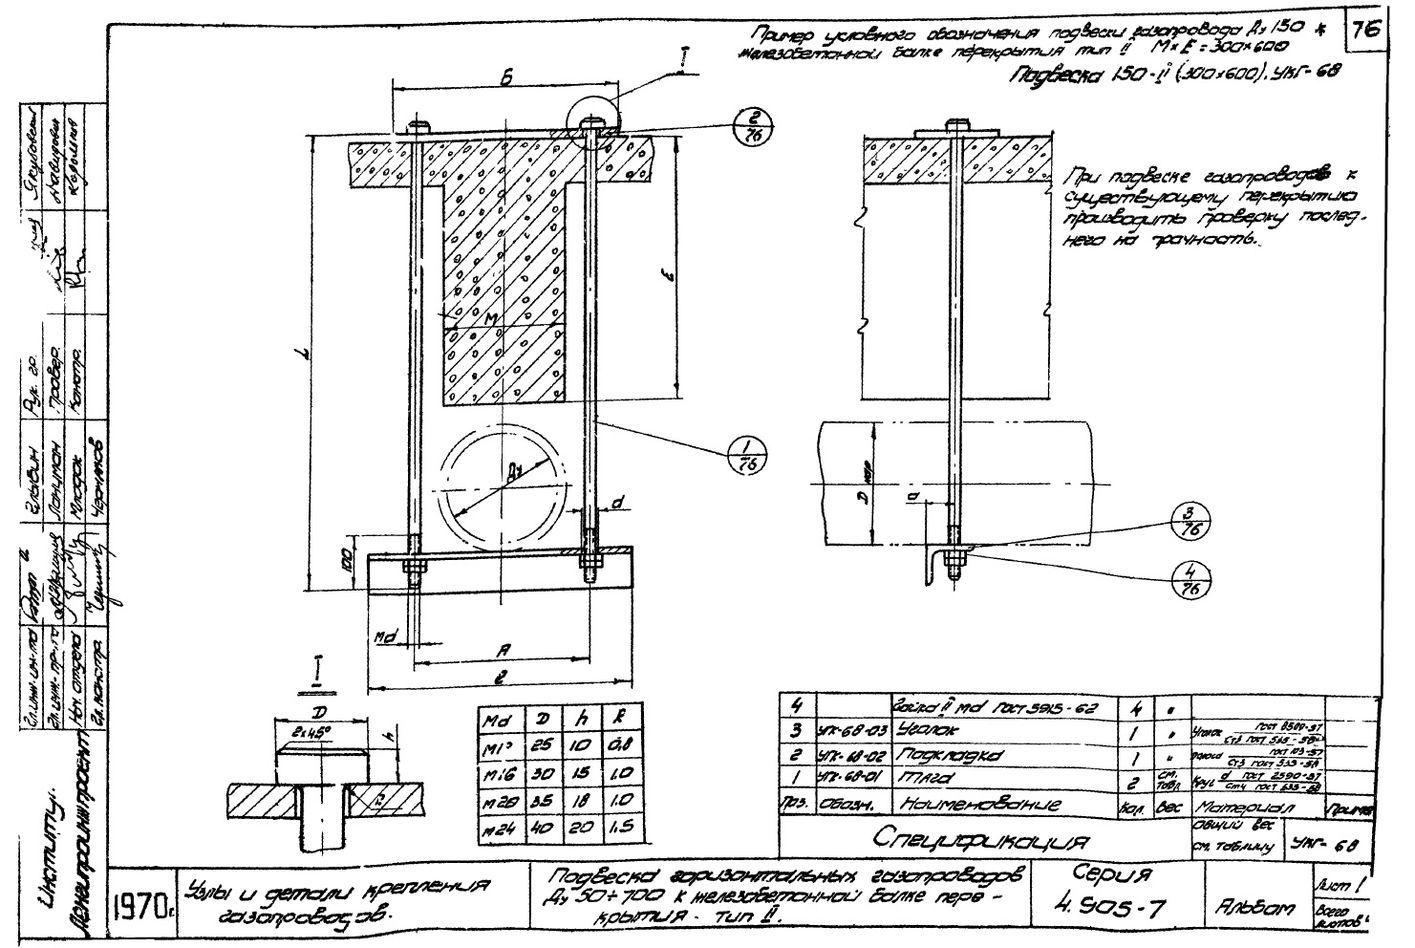 Подвеска горизонтальных газопроводов Ду50-700 к железобетонной балке перекрытия Тип 2 УКГ-68 серия 4.905-7 стр.1